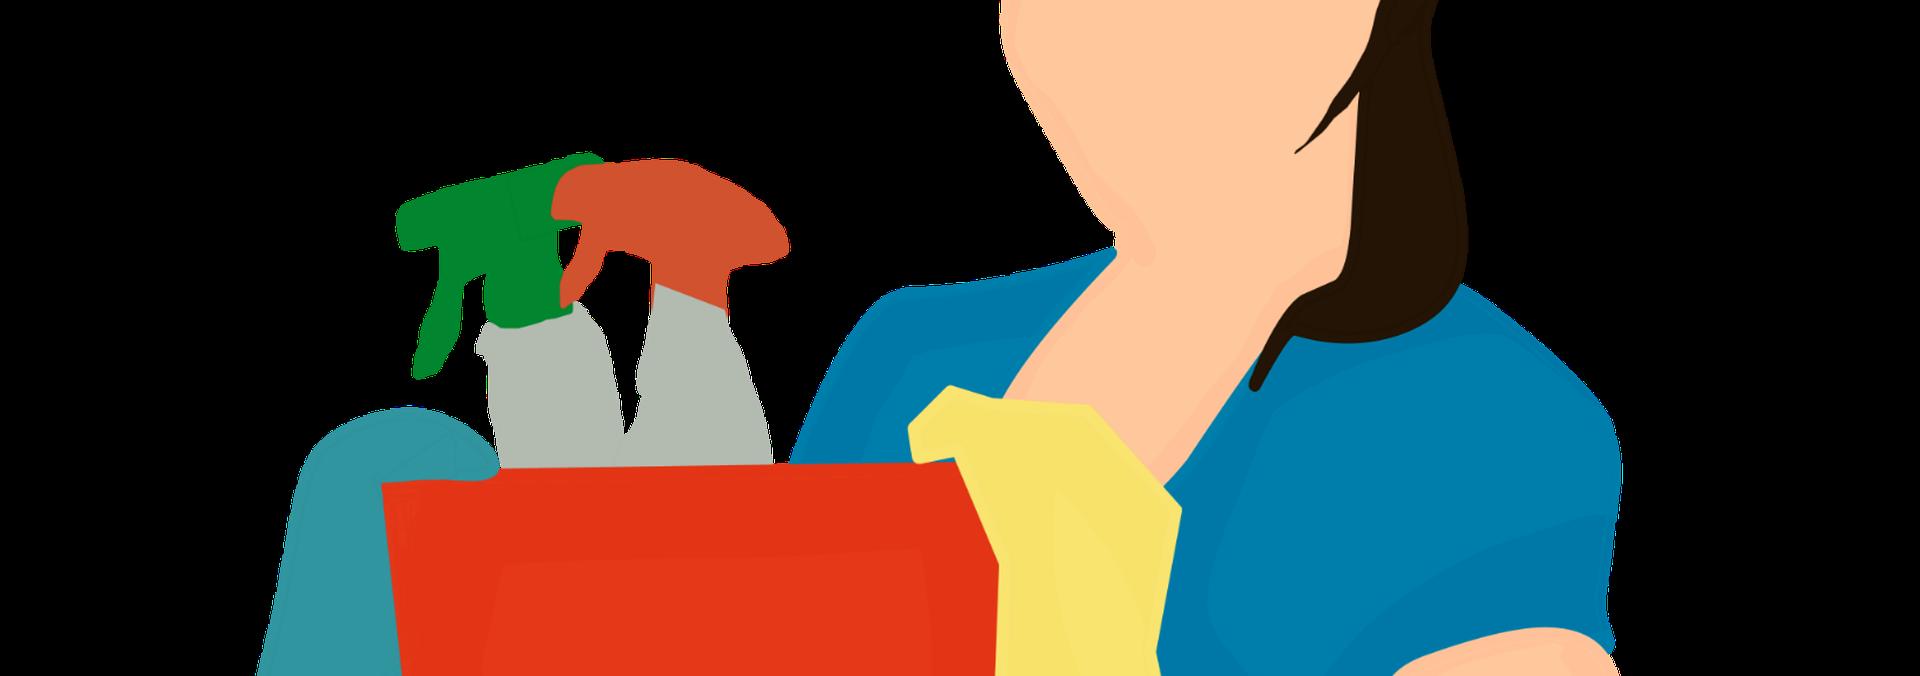 Particuliers employeurs : attention à la faute inexcusable de l'employeur (Cour de cassation 8 avril 2021, n° 20-11935)